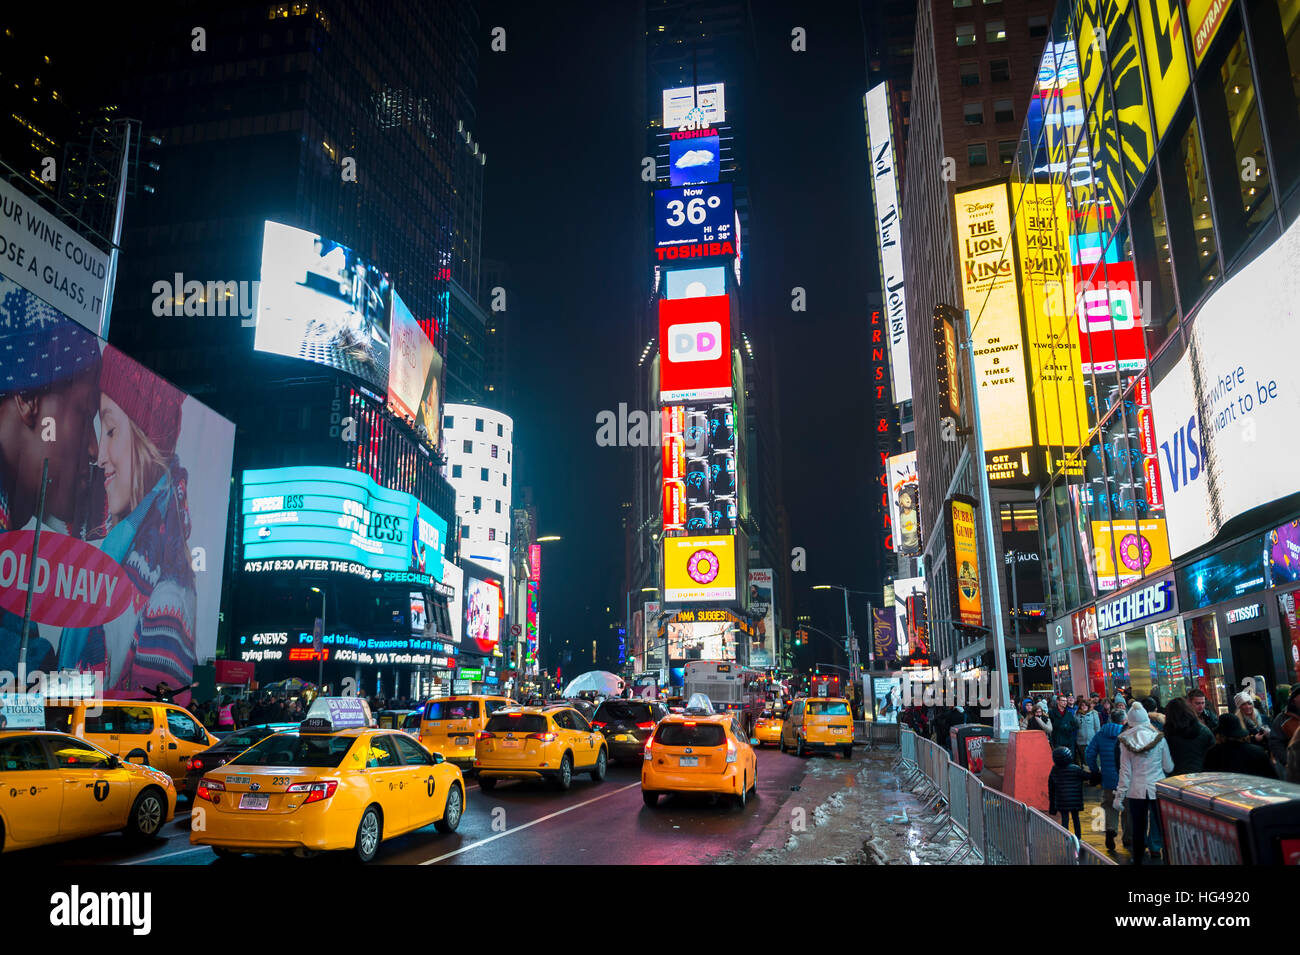 La CIUDAD DE NUEVA YORK - Diciembre 17, 2016: el tráfico y la multitud de Times Square como relleno de la ciudad Imagen De Stock